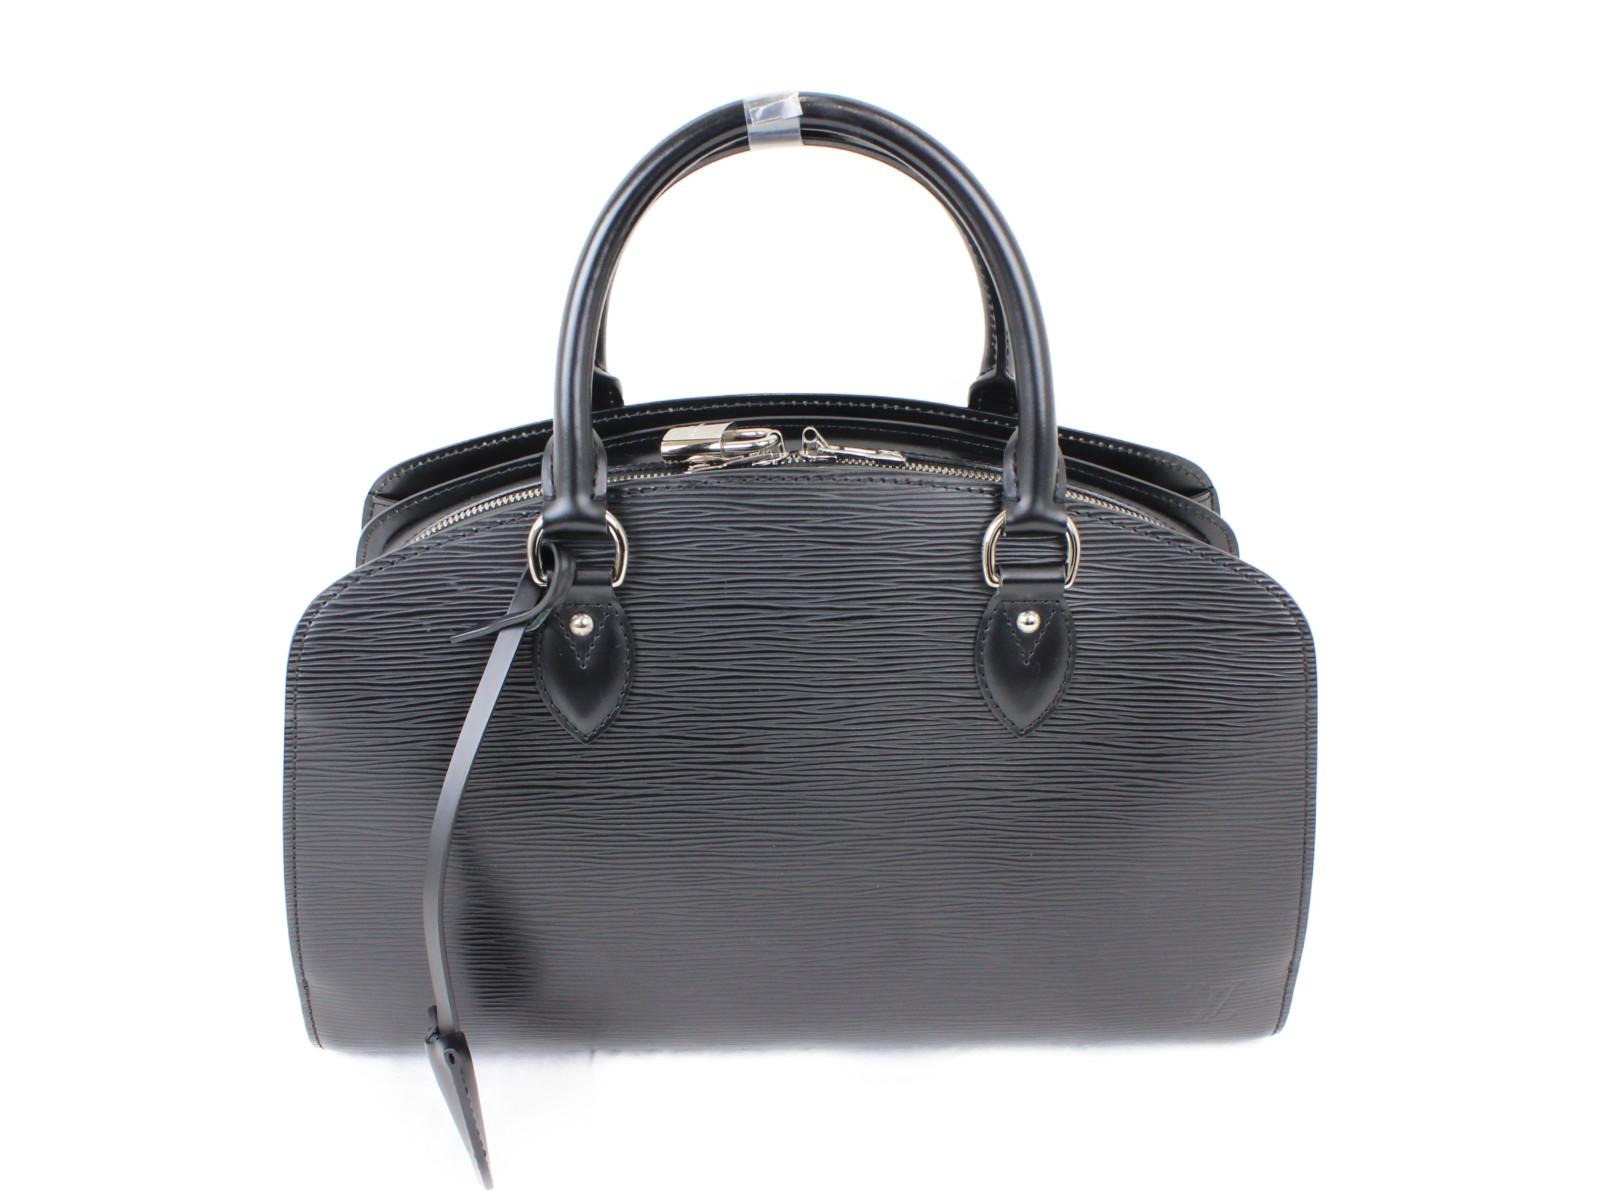 LOUIS VUITTON ルイヴィトンポンヌフPM M59072エピ レザーブラック ハンドバッグプレゼント包装可 【中古】